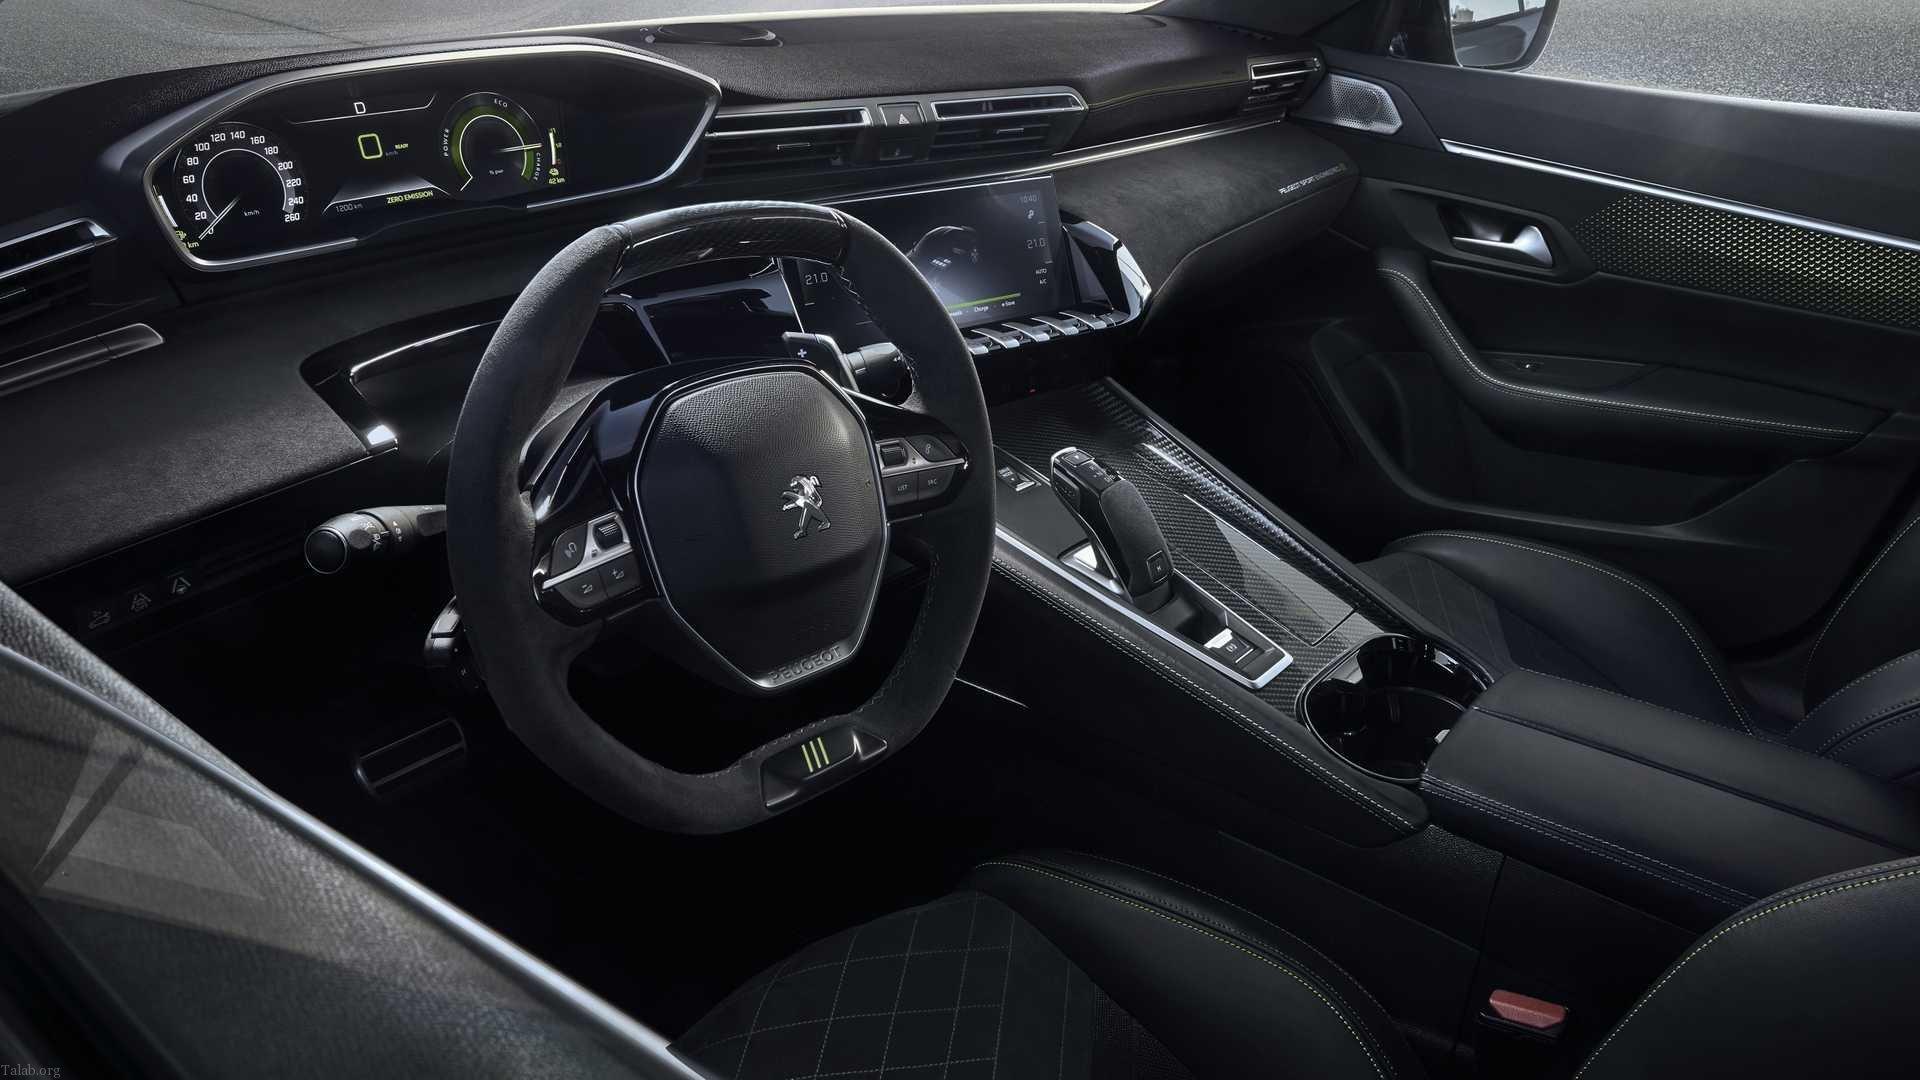 عکس و مشخصات پژو 508 هیبریدی + هندلینگ بالا در مزدا 3 مدل 2019